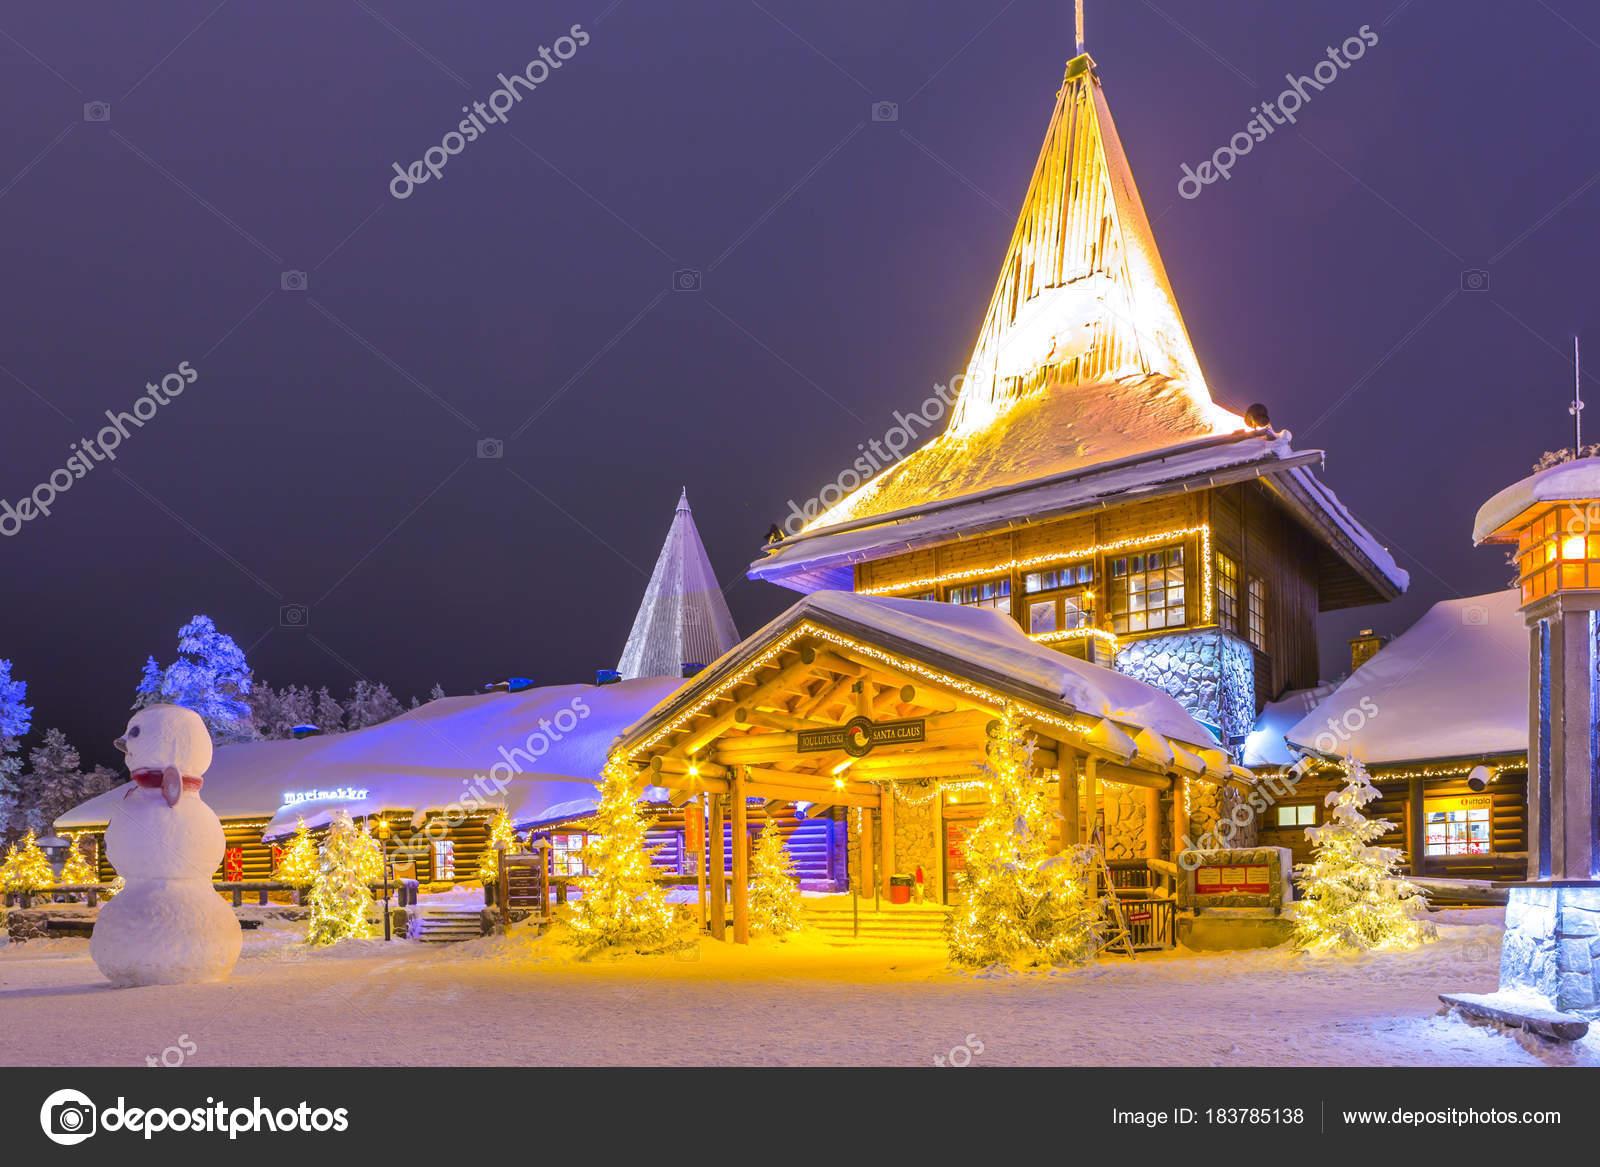 Casa Babbo Natale Rovaniemi Finlandia.Famoso Autentico Ufficio E Casa Residenziale Di Santa Claus Babbo